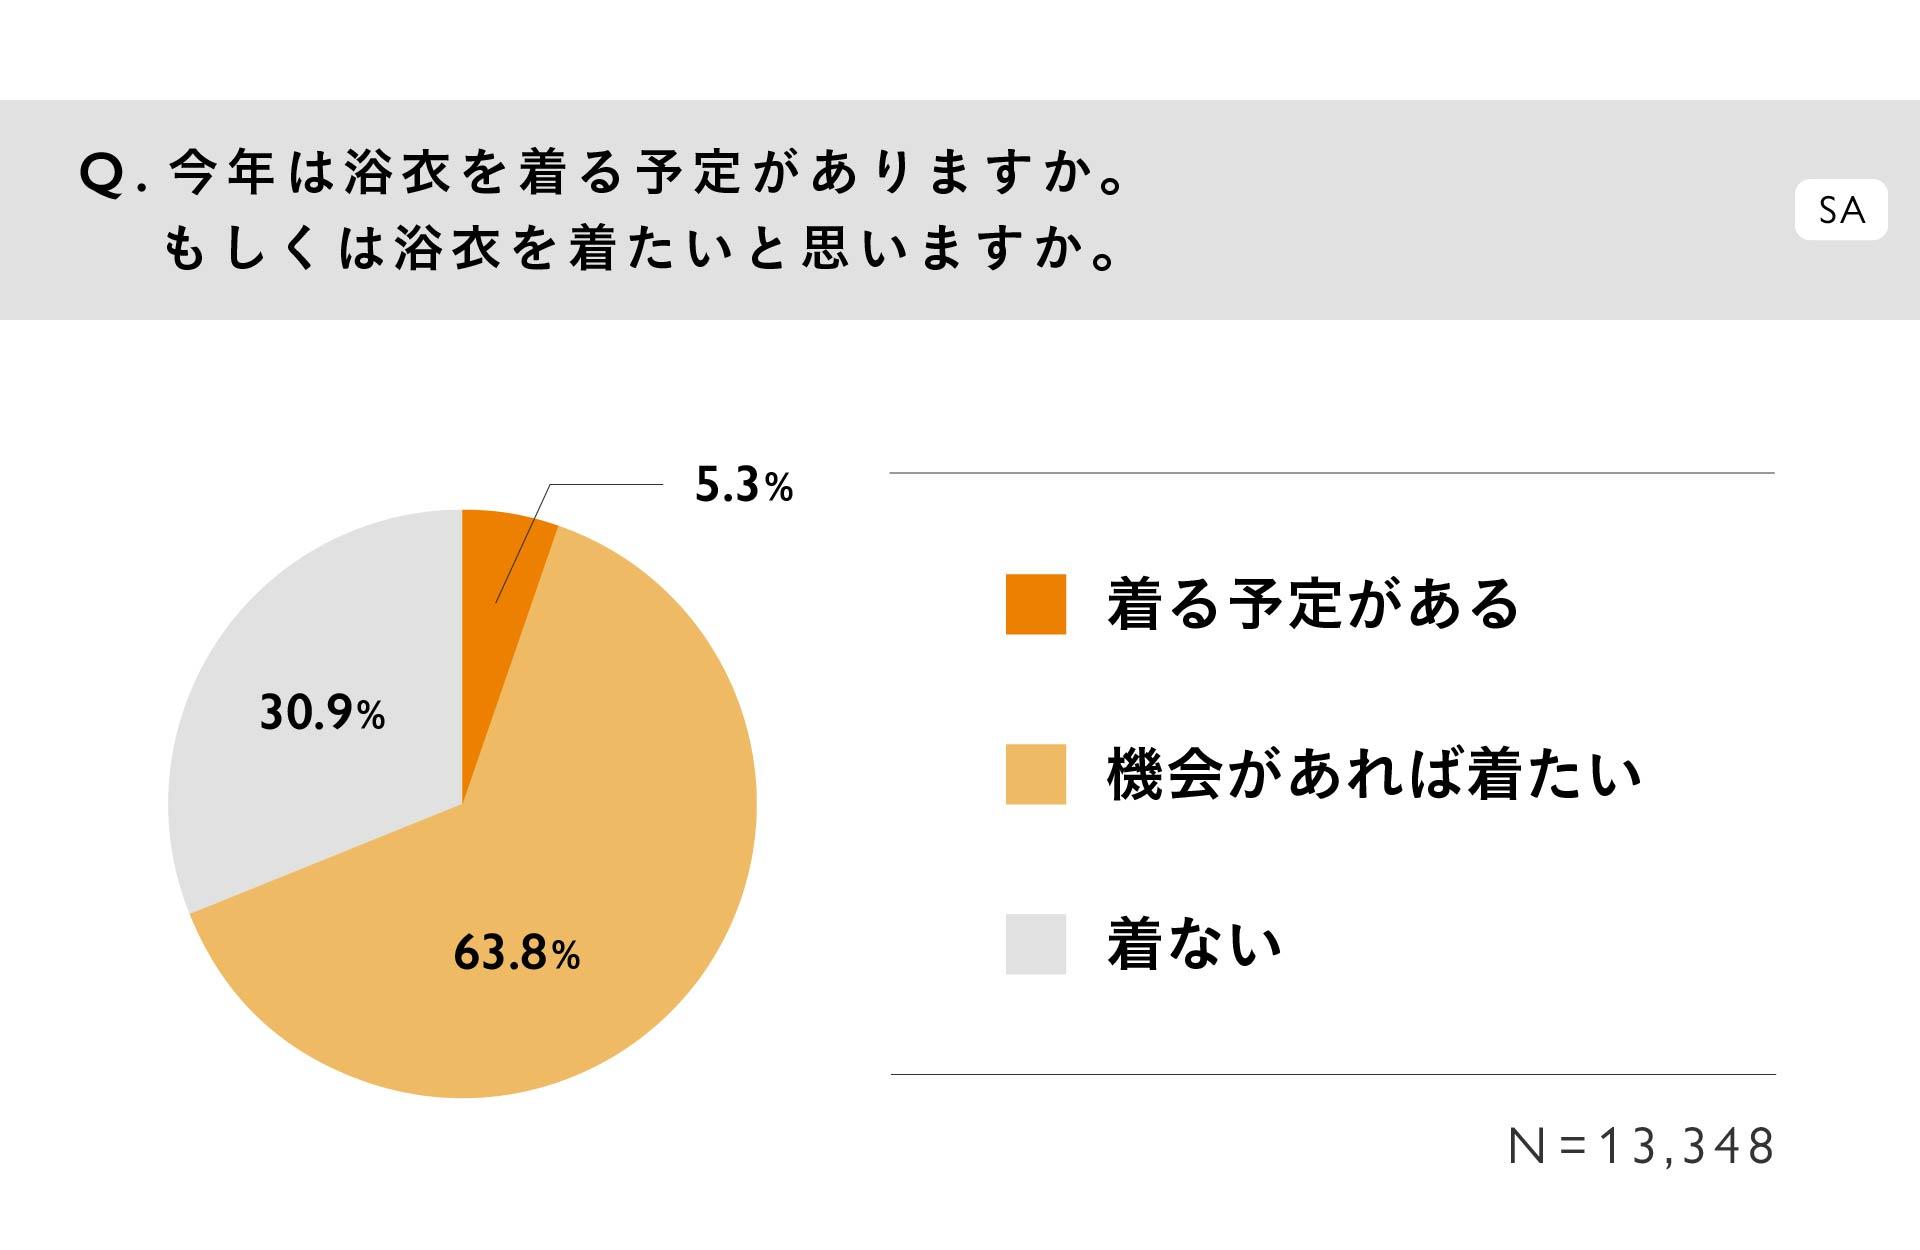 質問:今年は浴衣を着る予定がありますか。もしくは浴衣を着たいと思いますか。(SA) / 回答:「着る予定がある」5.3%、「機会があれば着たい」63.8%、「着ない」30.9%。N=13,348